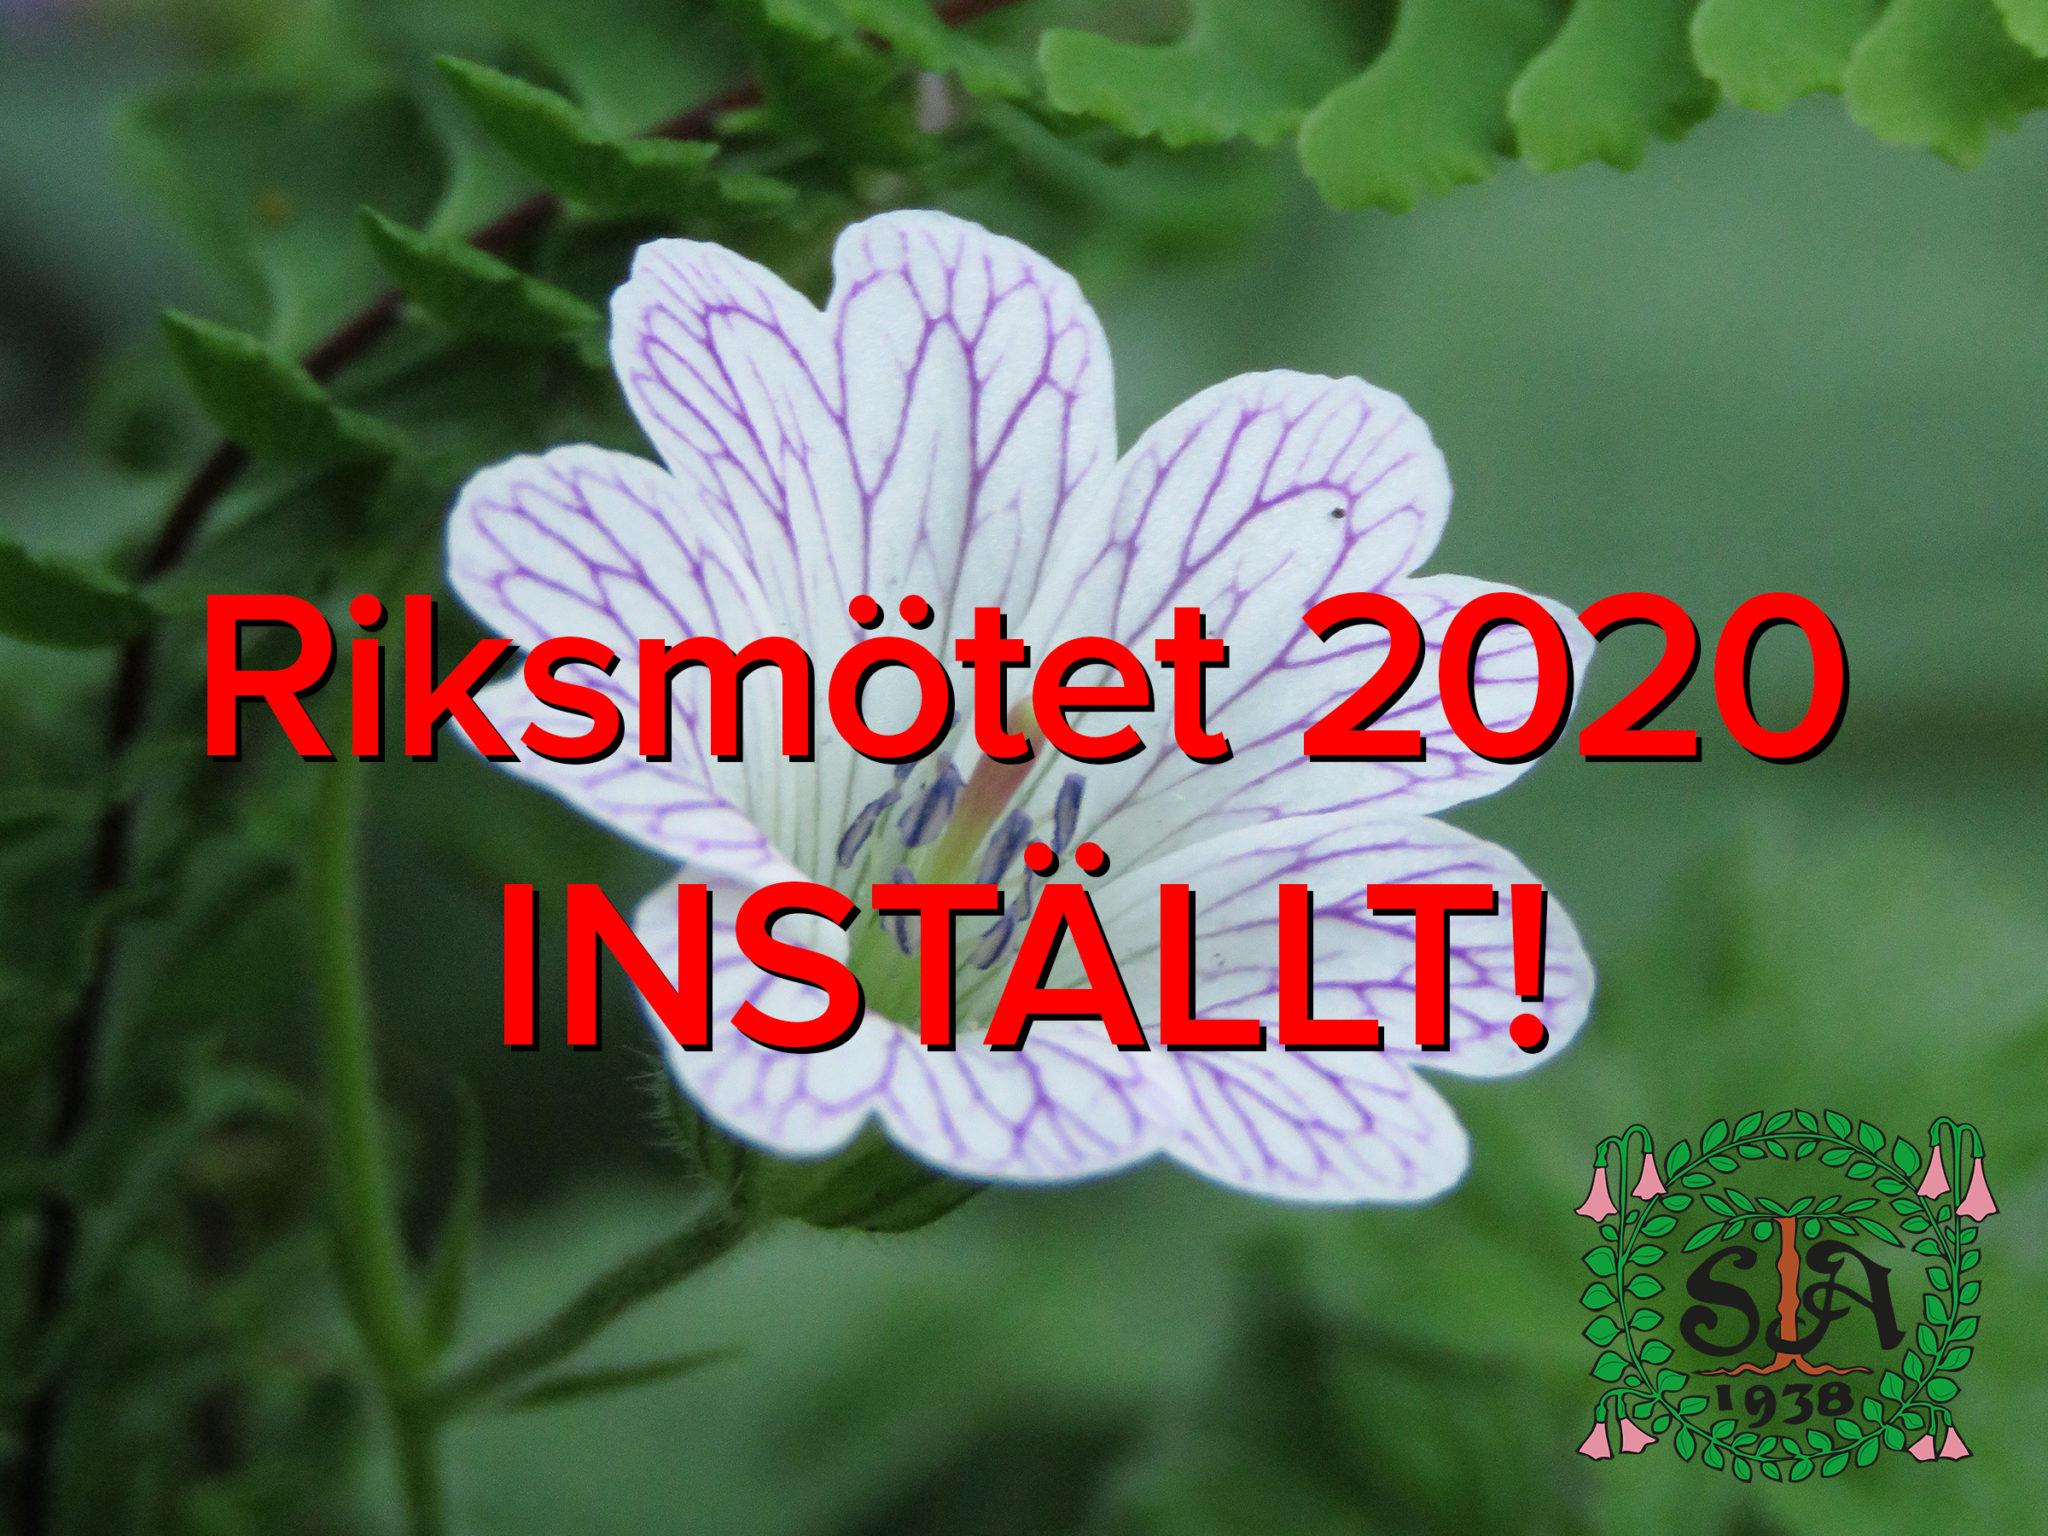 Riksmötet 2020 INSTÄLLT